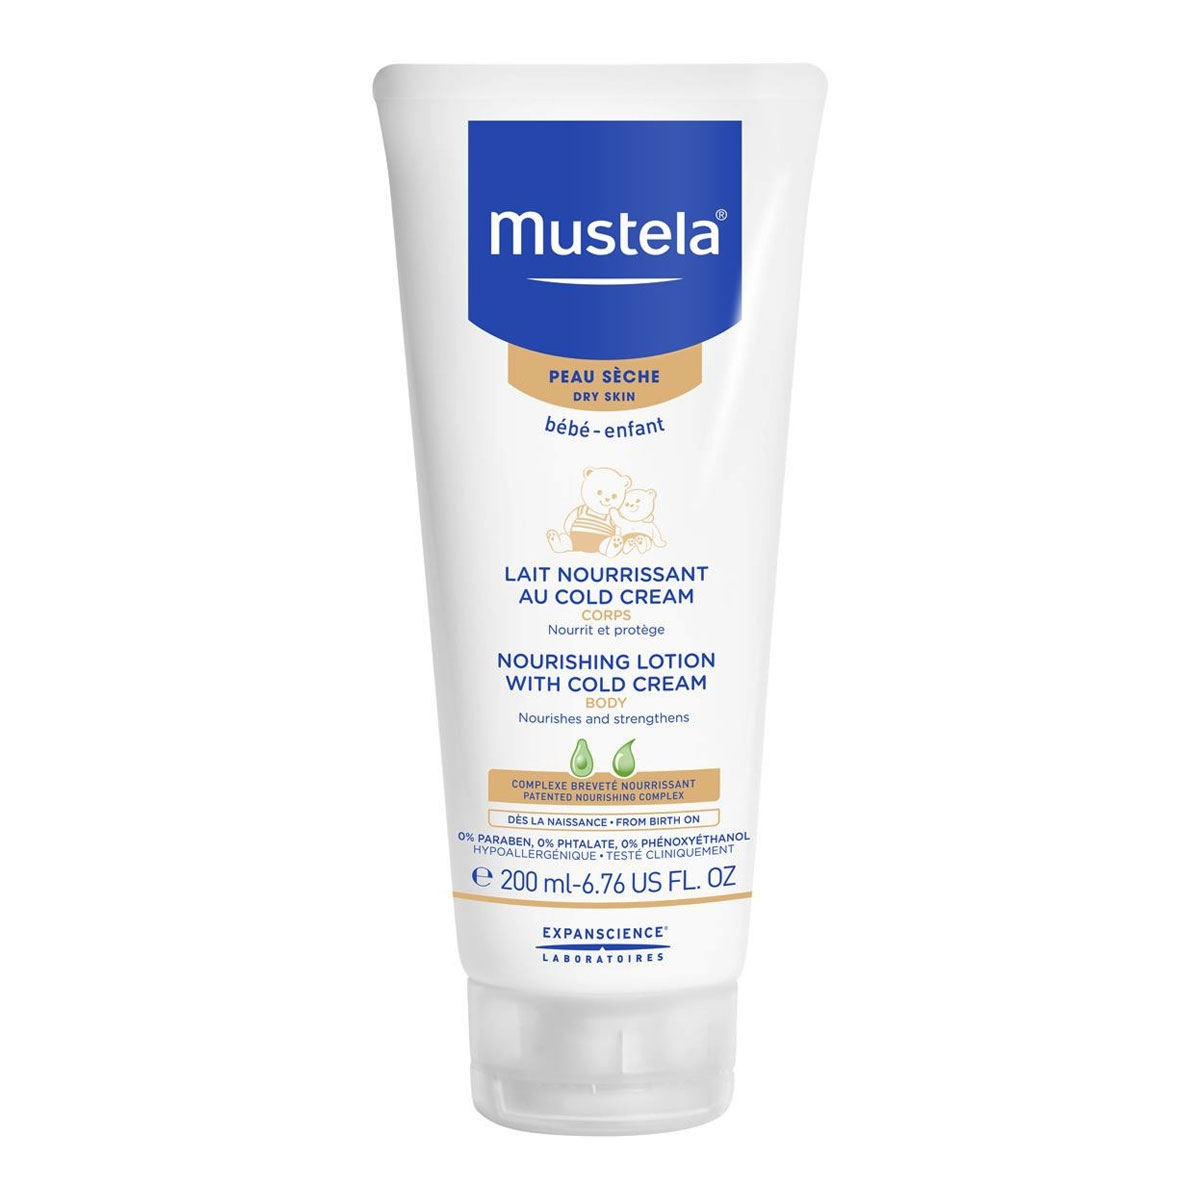 MUSTELA LEITE NUTRITIVO COM COLD CREAM 200ml